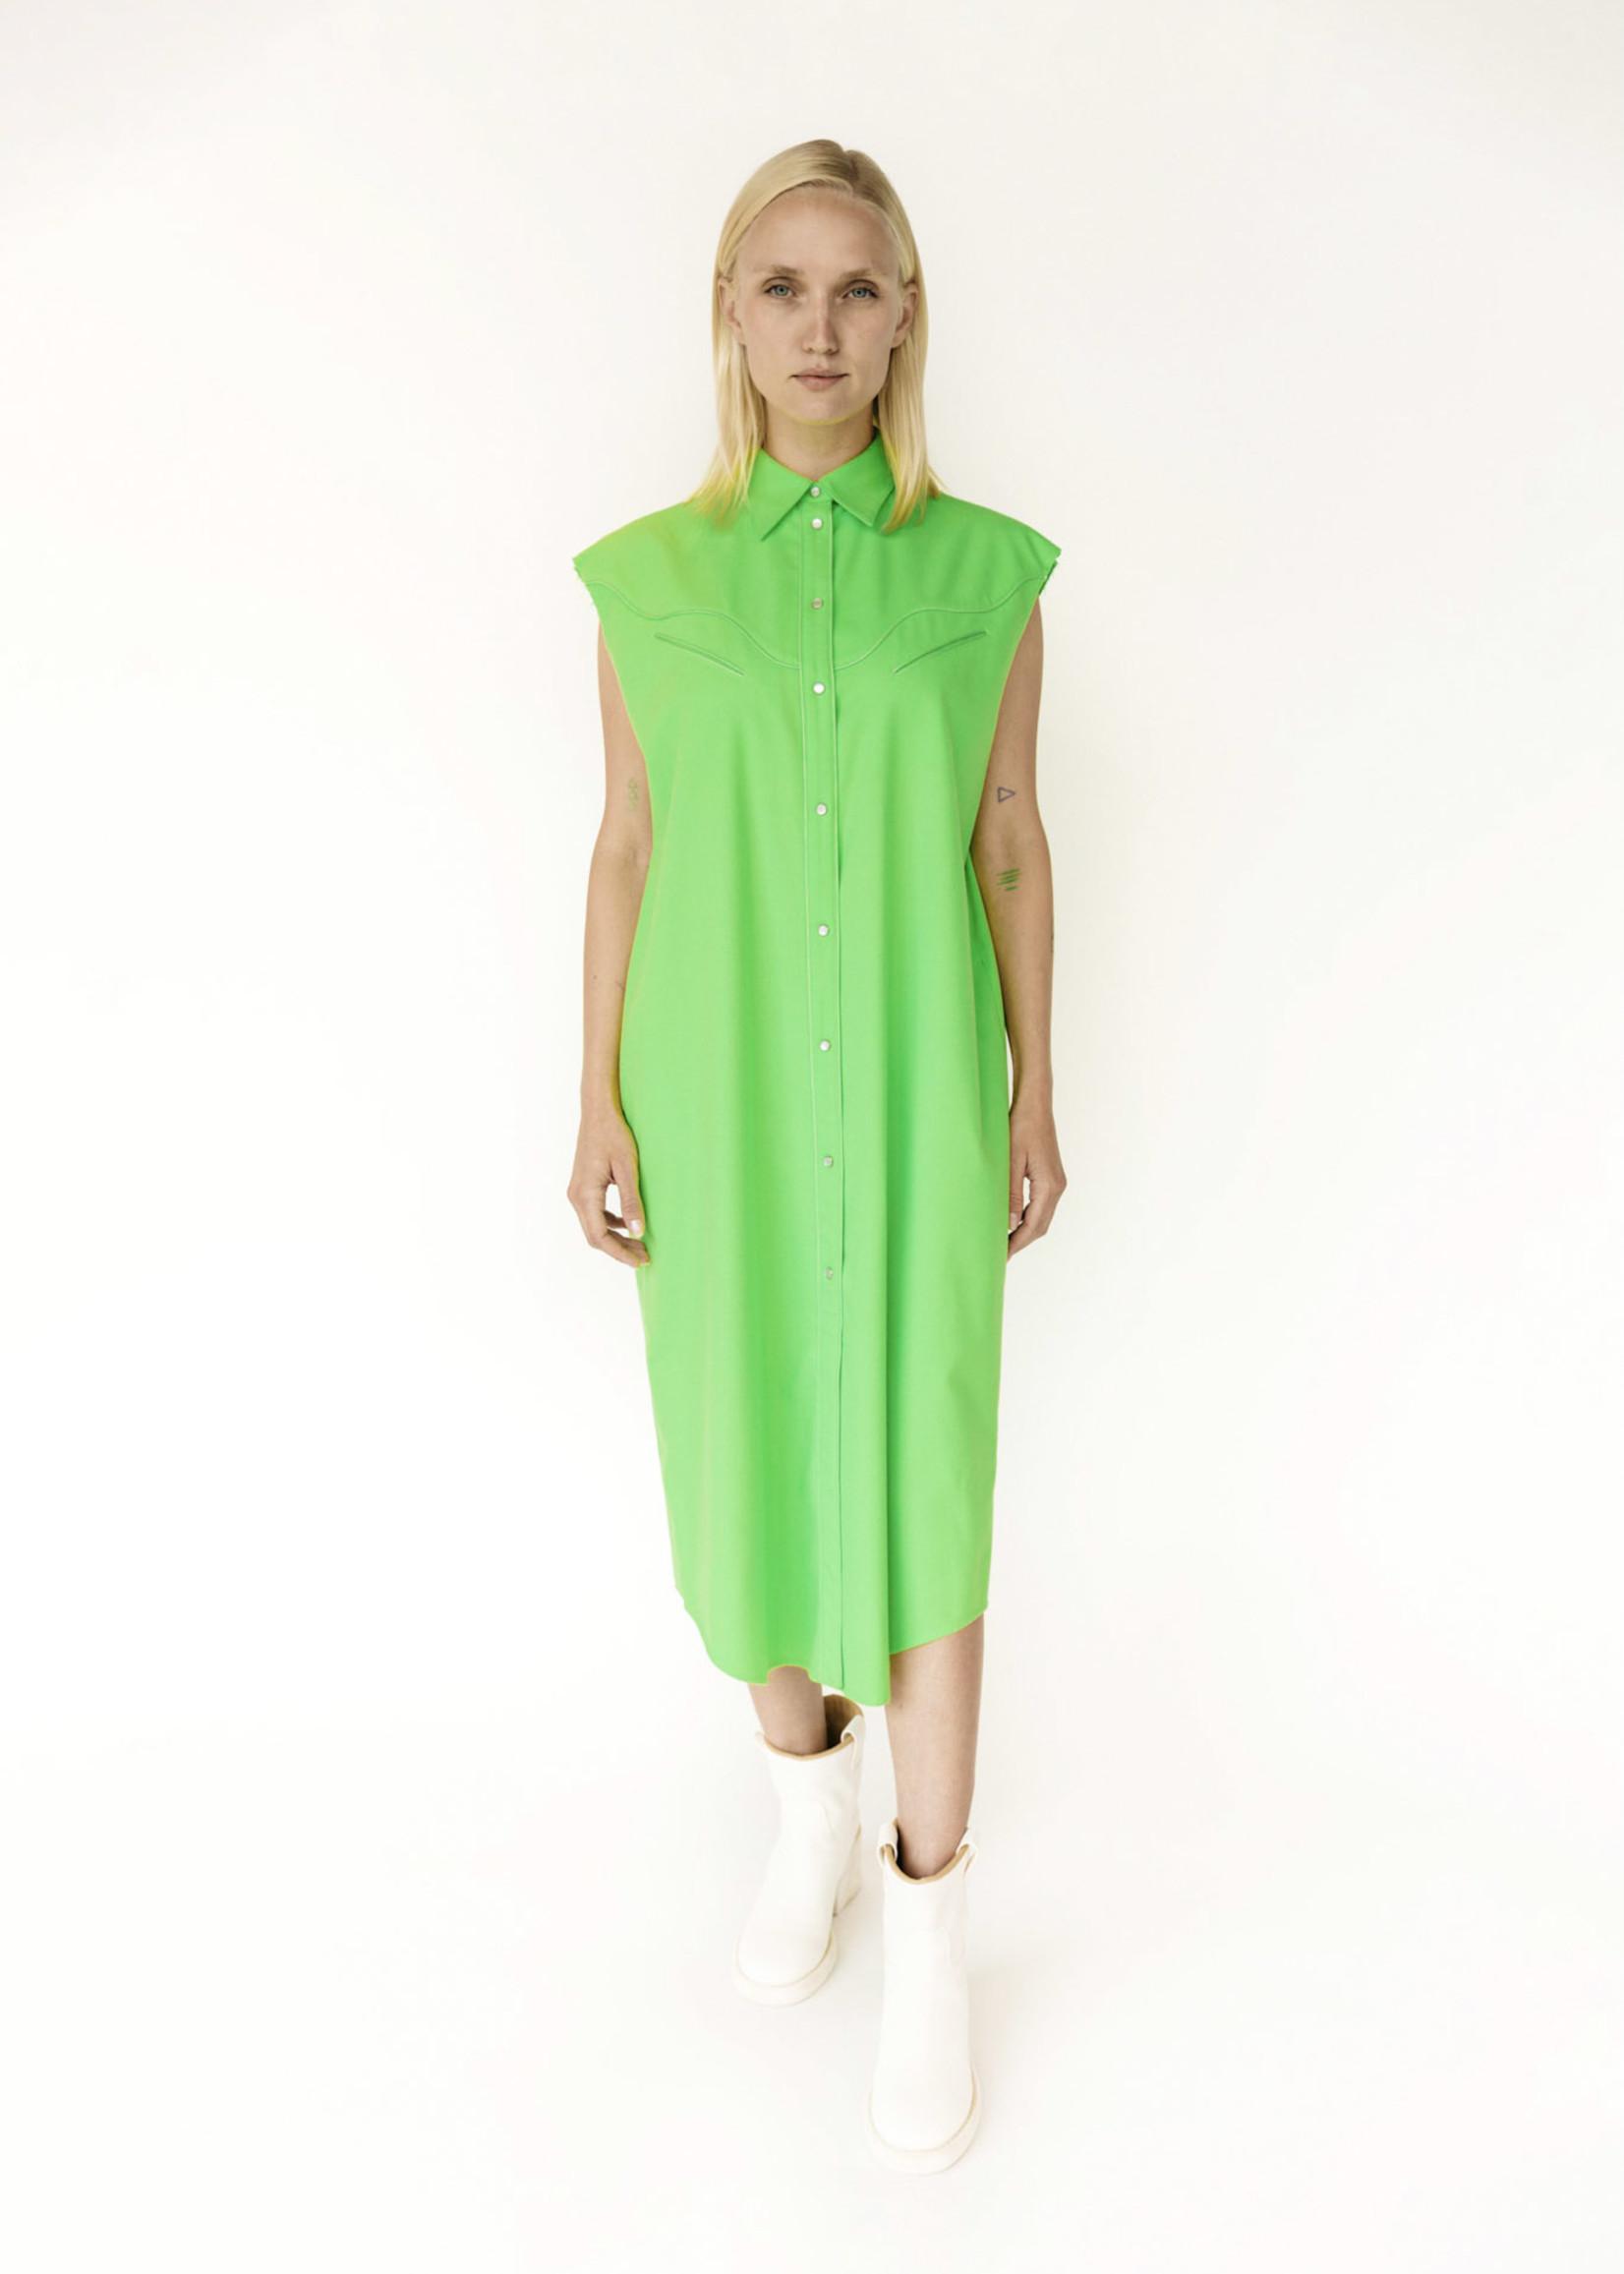 MM6 MAISON MARGIELA Neon Green Western Sleeveless Shirt Dress